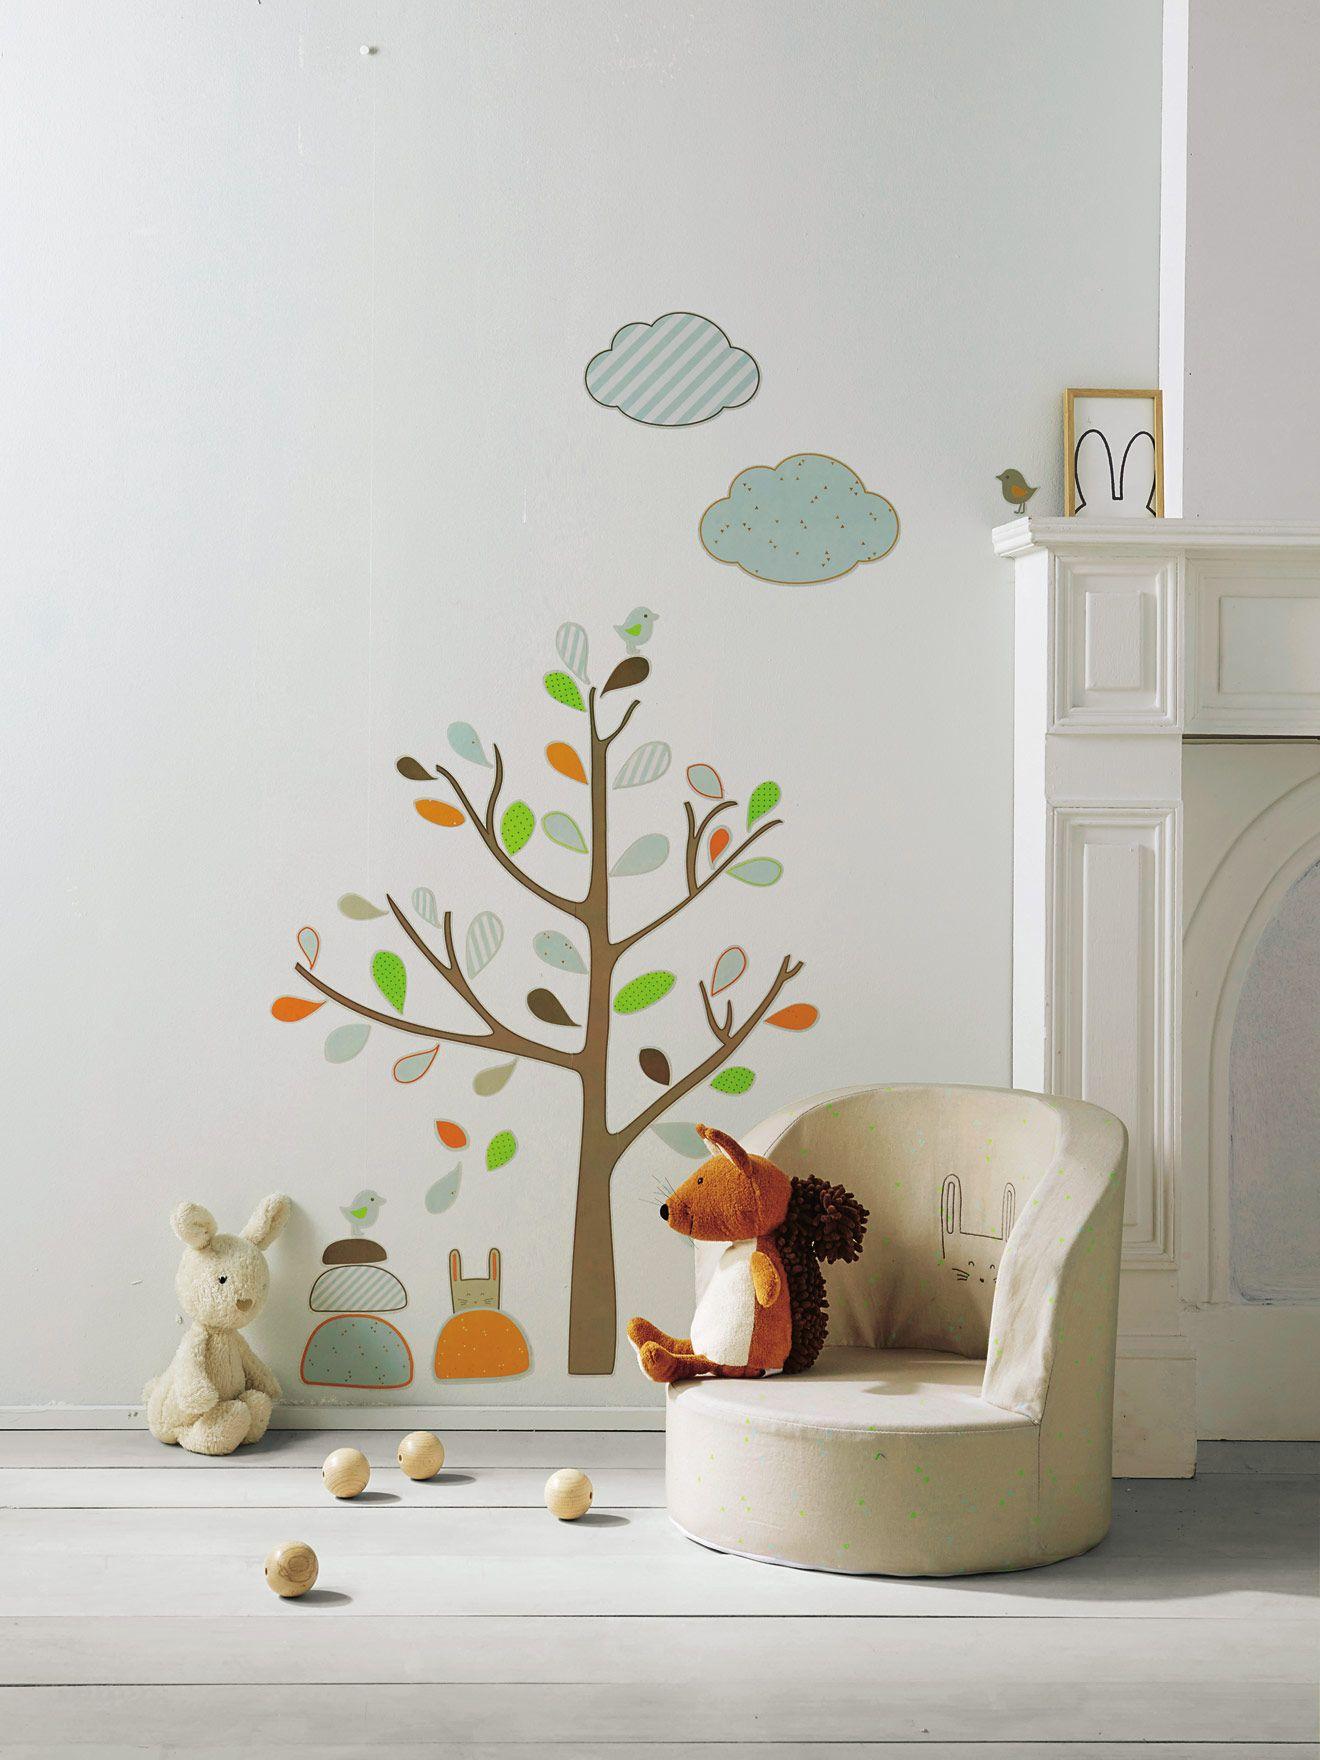 Baumsticker Für Kinderzimmer Von Vertbaudet In Braun   Nur U20ac 2,95 Versand!  Babyzimmer Jetzt Bei Vertbaudet Bestellen!